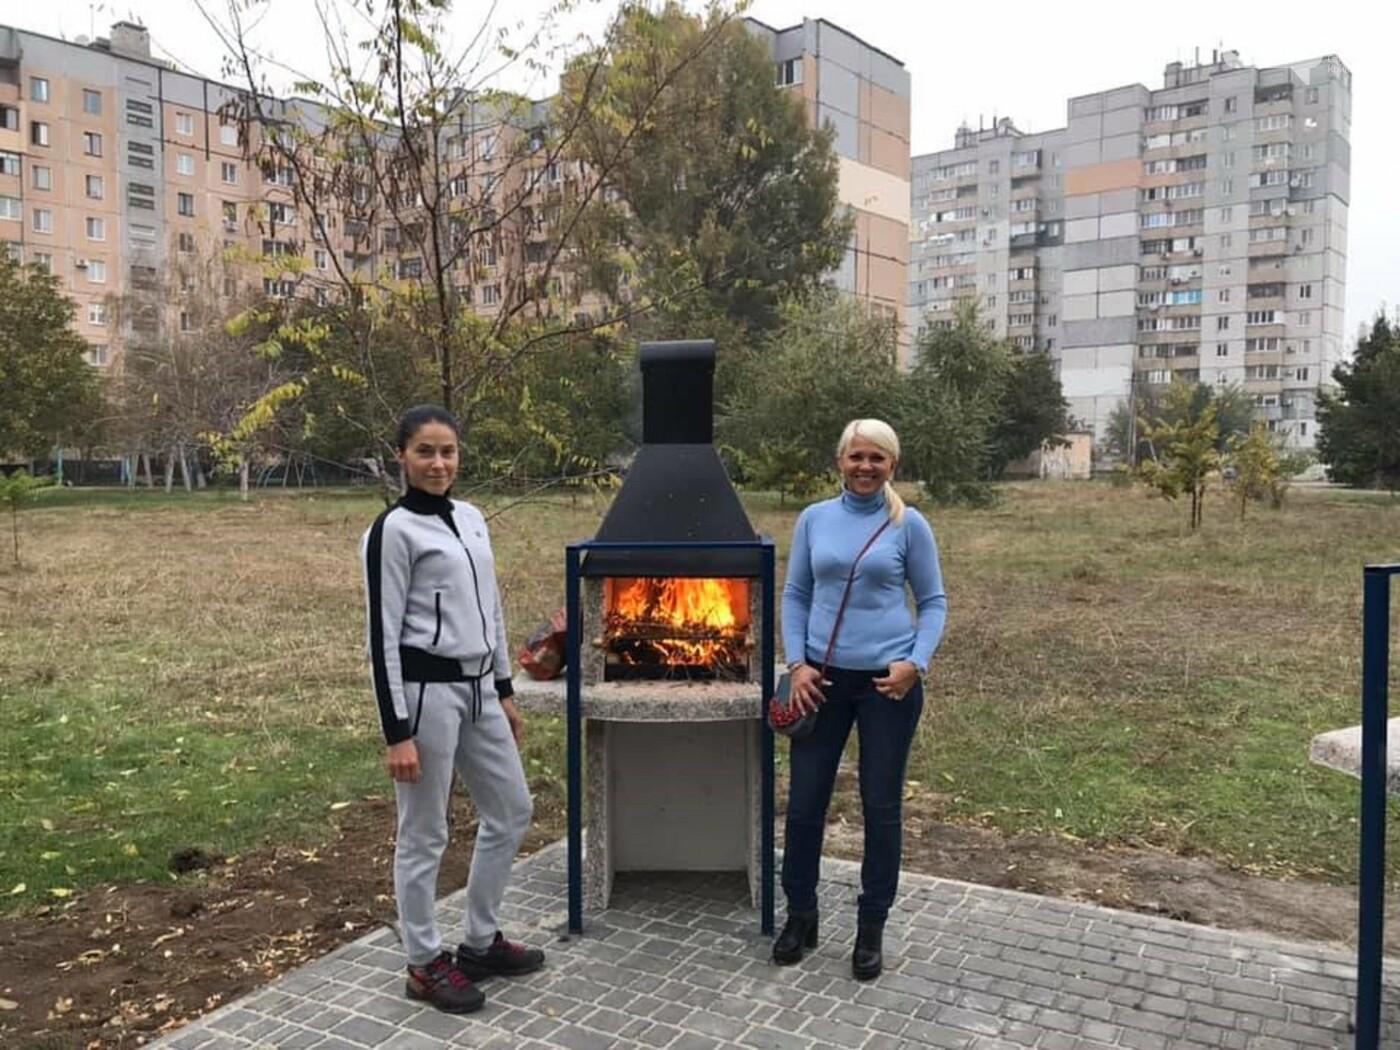 При поддержке «Зеленого центра Метинвест» в Долгинцевском районе Кривого Рога жители обустроили парк для пикников, фото-1